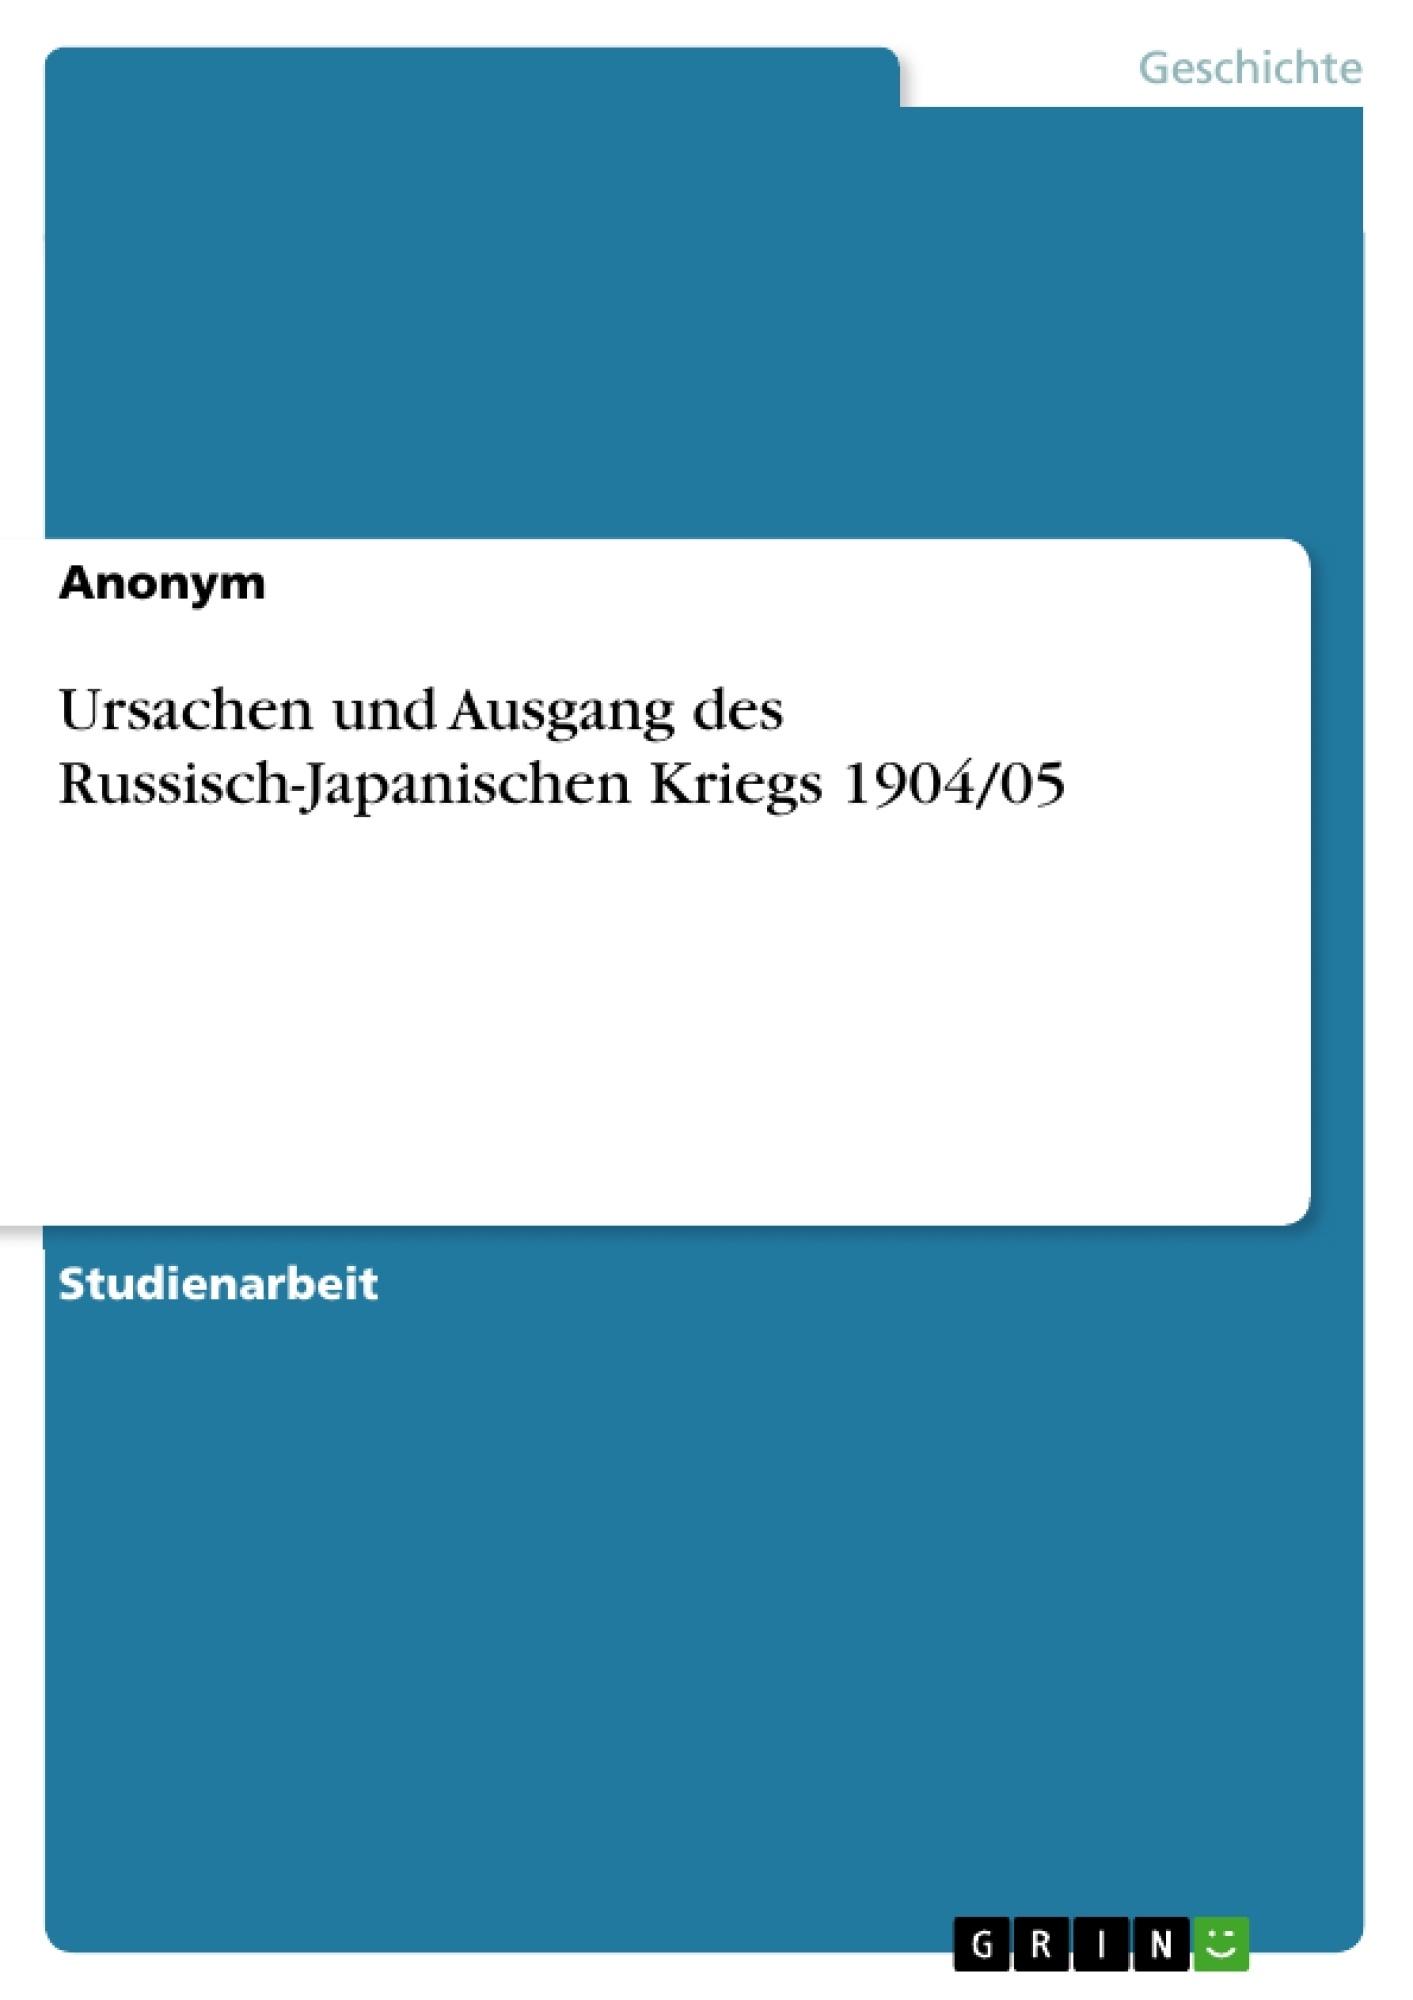 Titel: Ursachen und Ausgang des Russisch-Japanischen Kriegs 1904/05